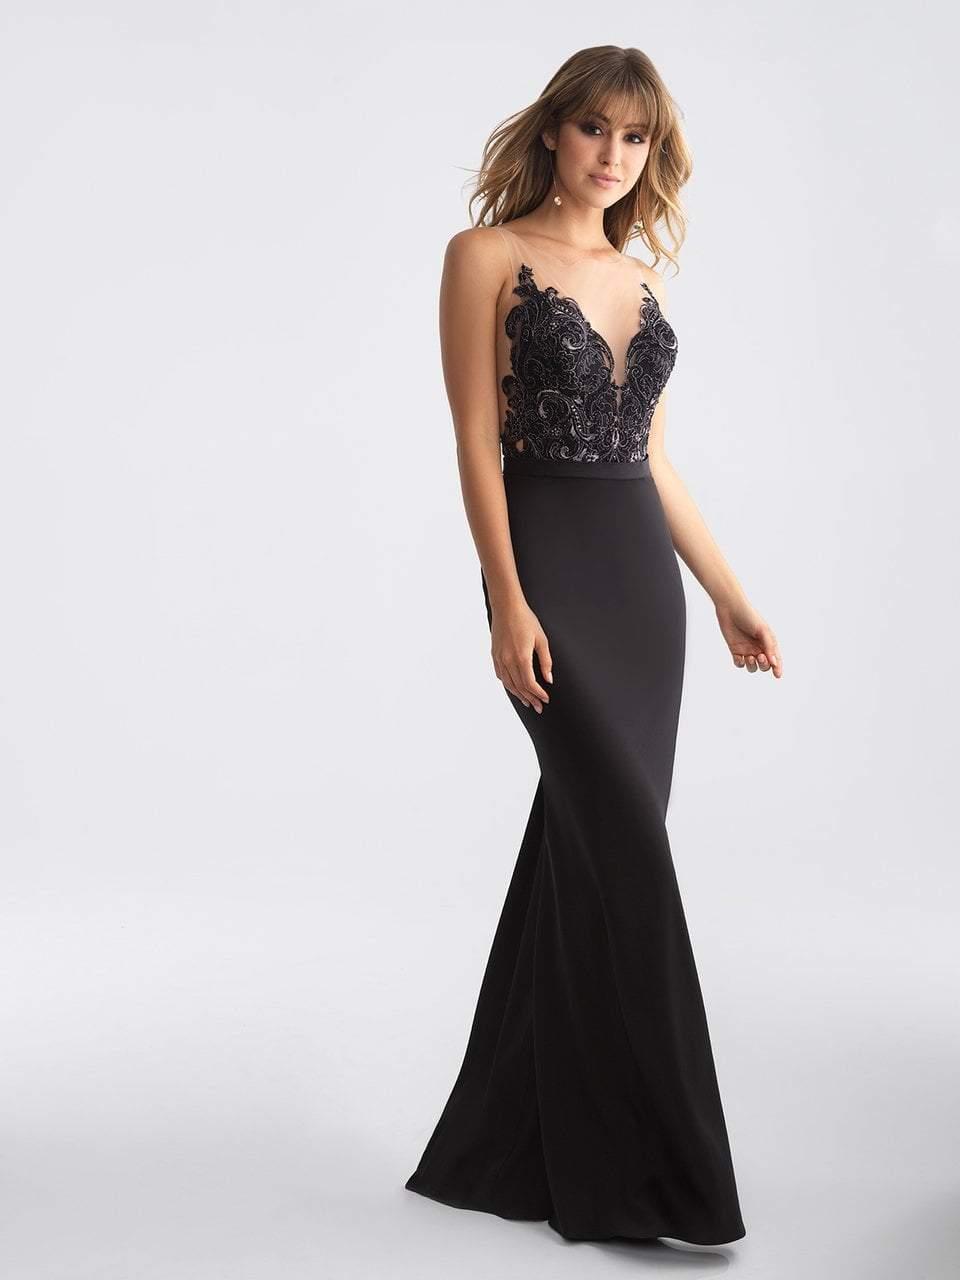 Madison James - 18-663 Lace Illusion Bateau Sheath Dress